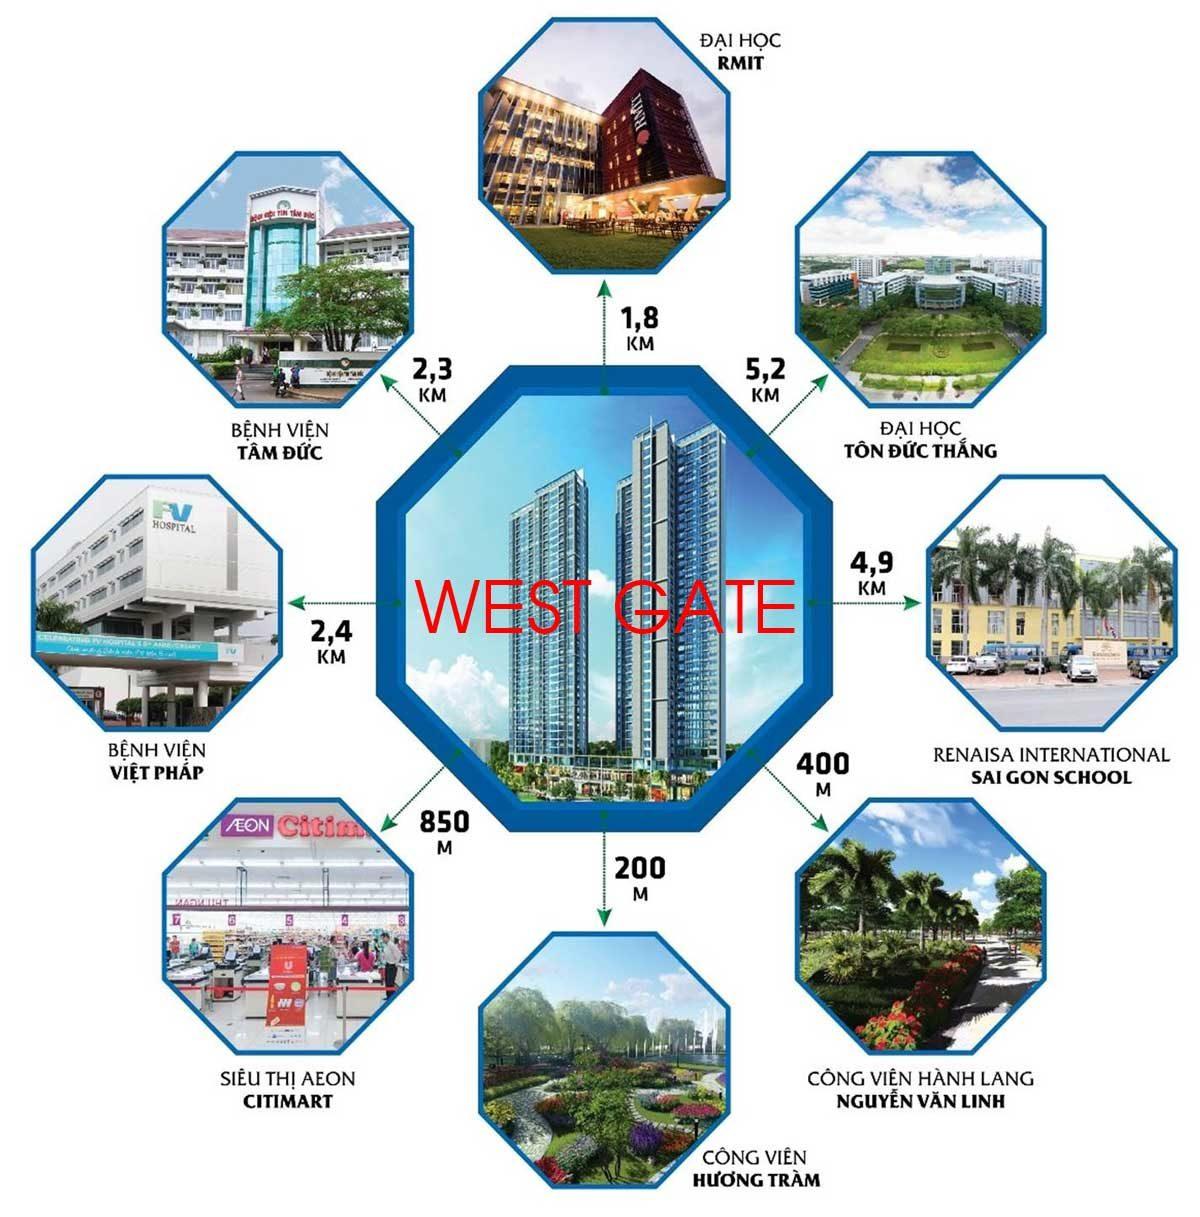 Tiện ích Ngoại khu Dự án Căn hộ West Gate Bình Chánh